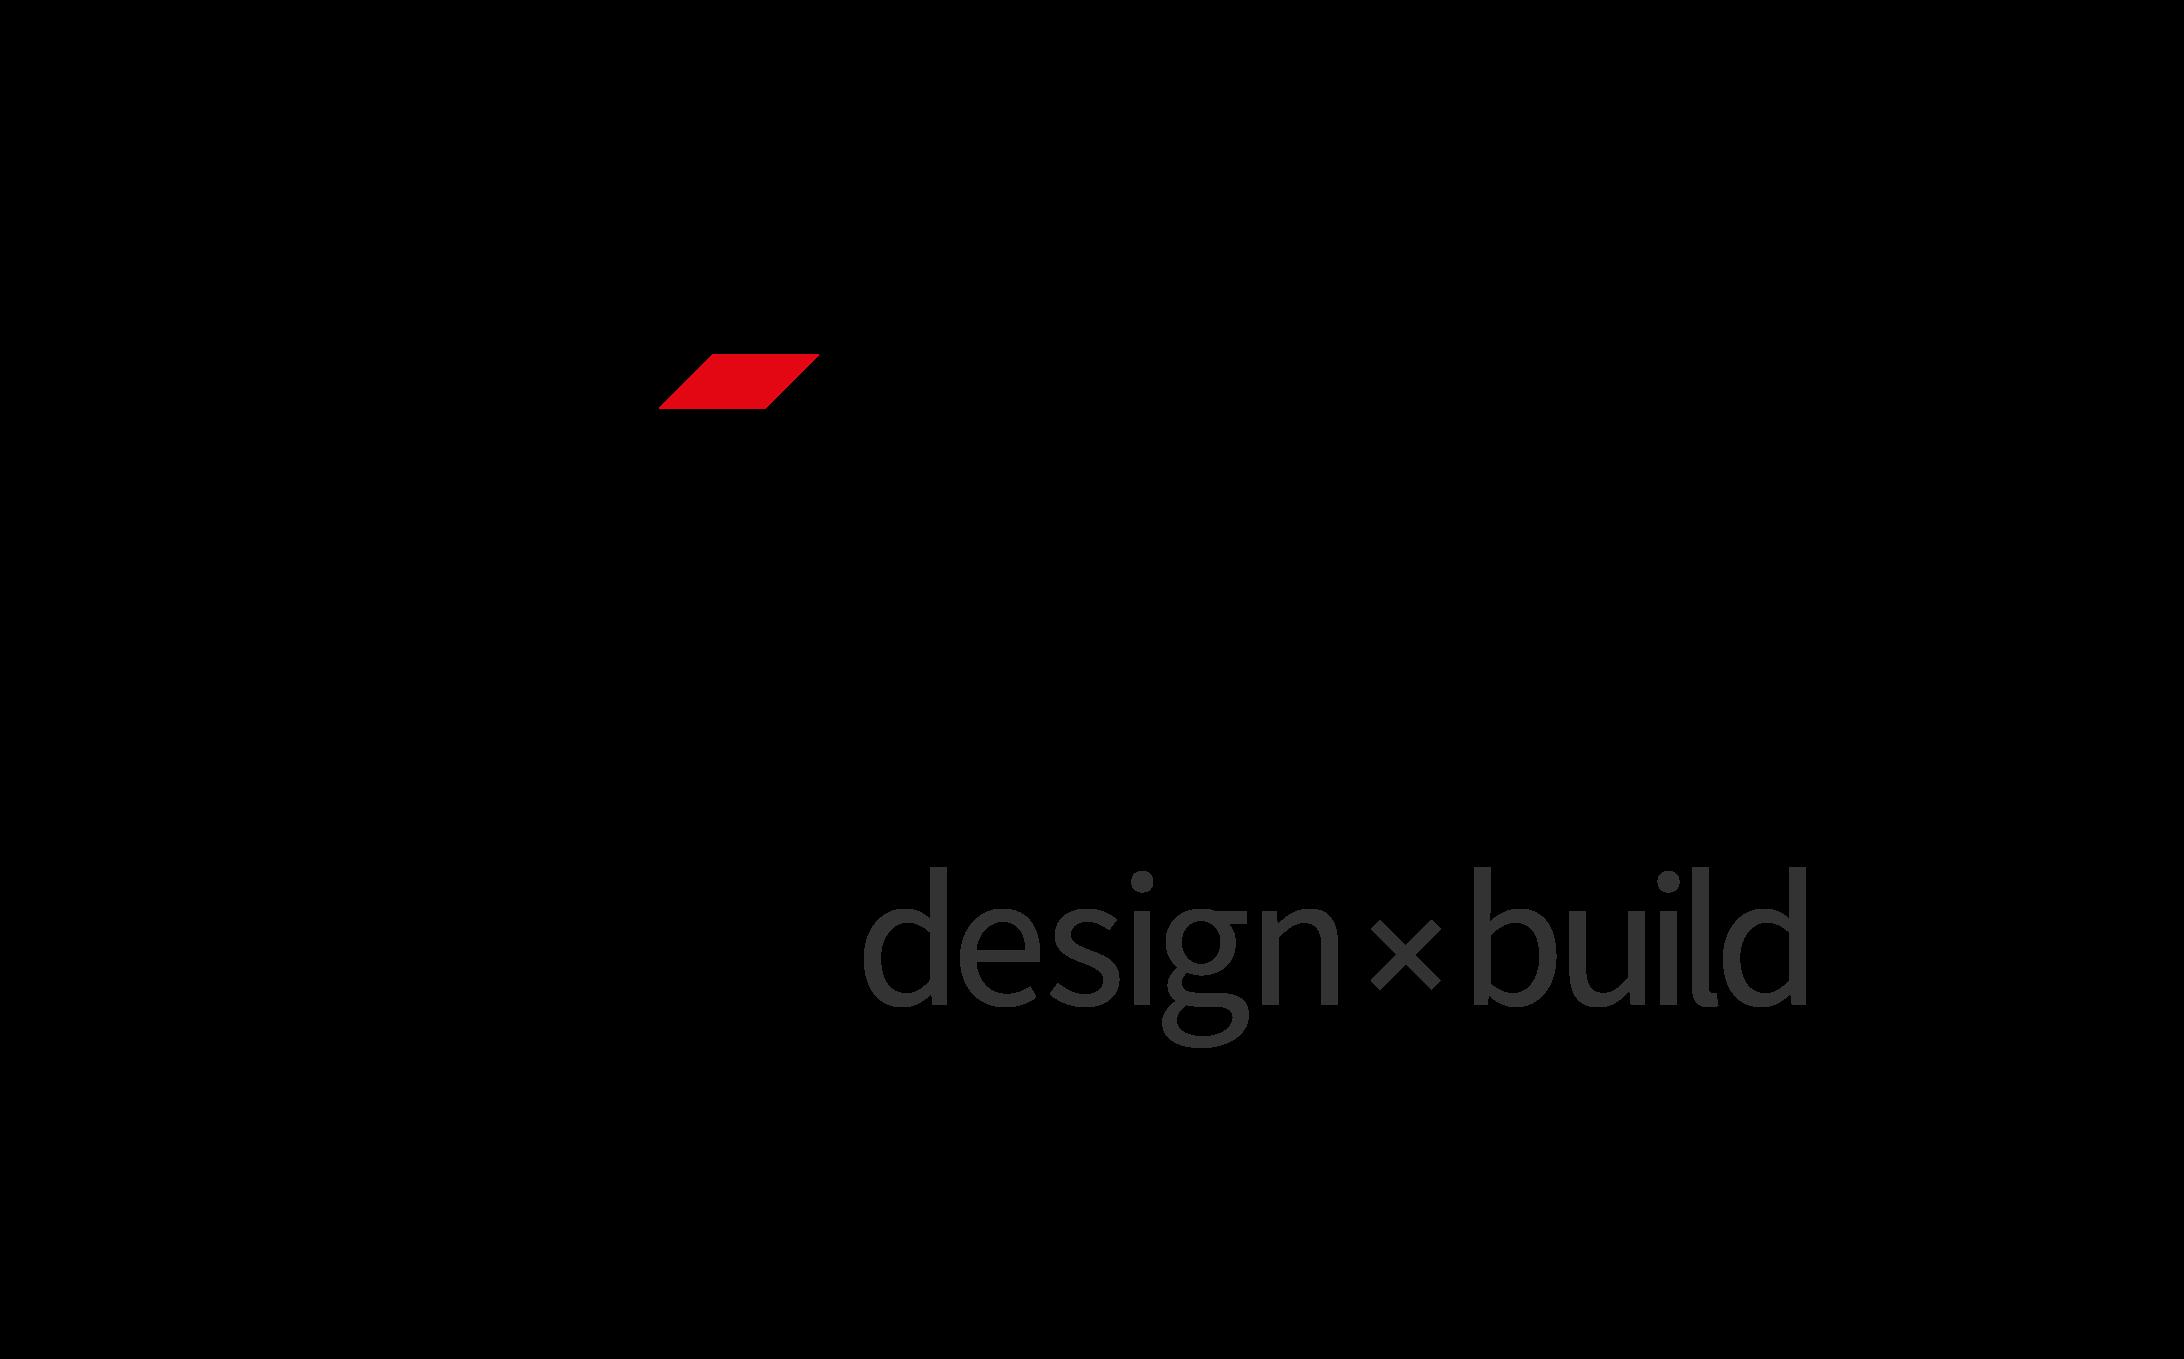 Tétris Design & Build Sàrl